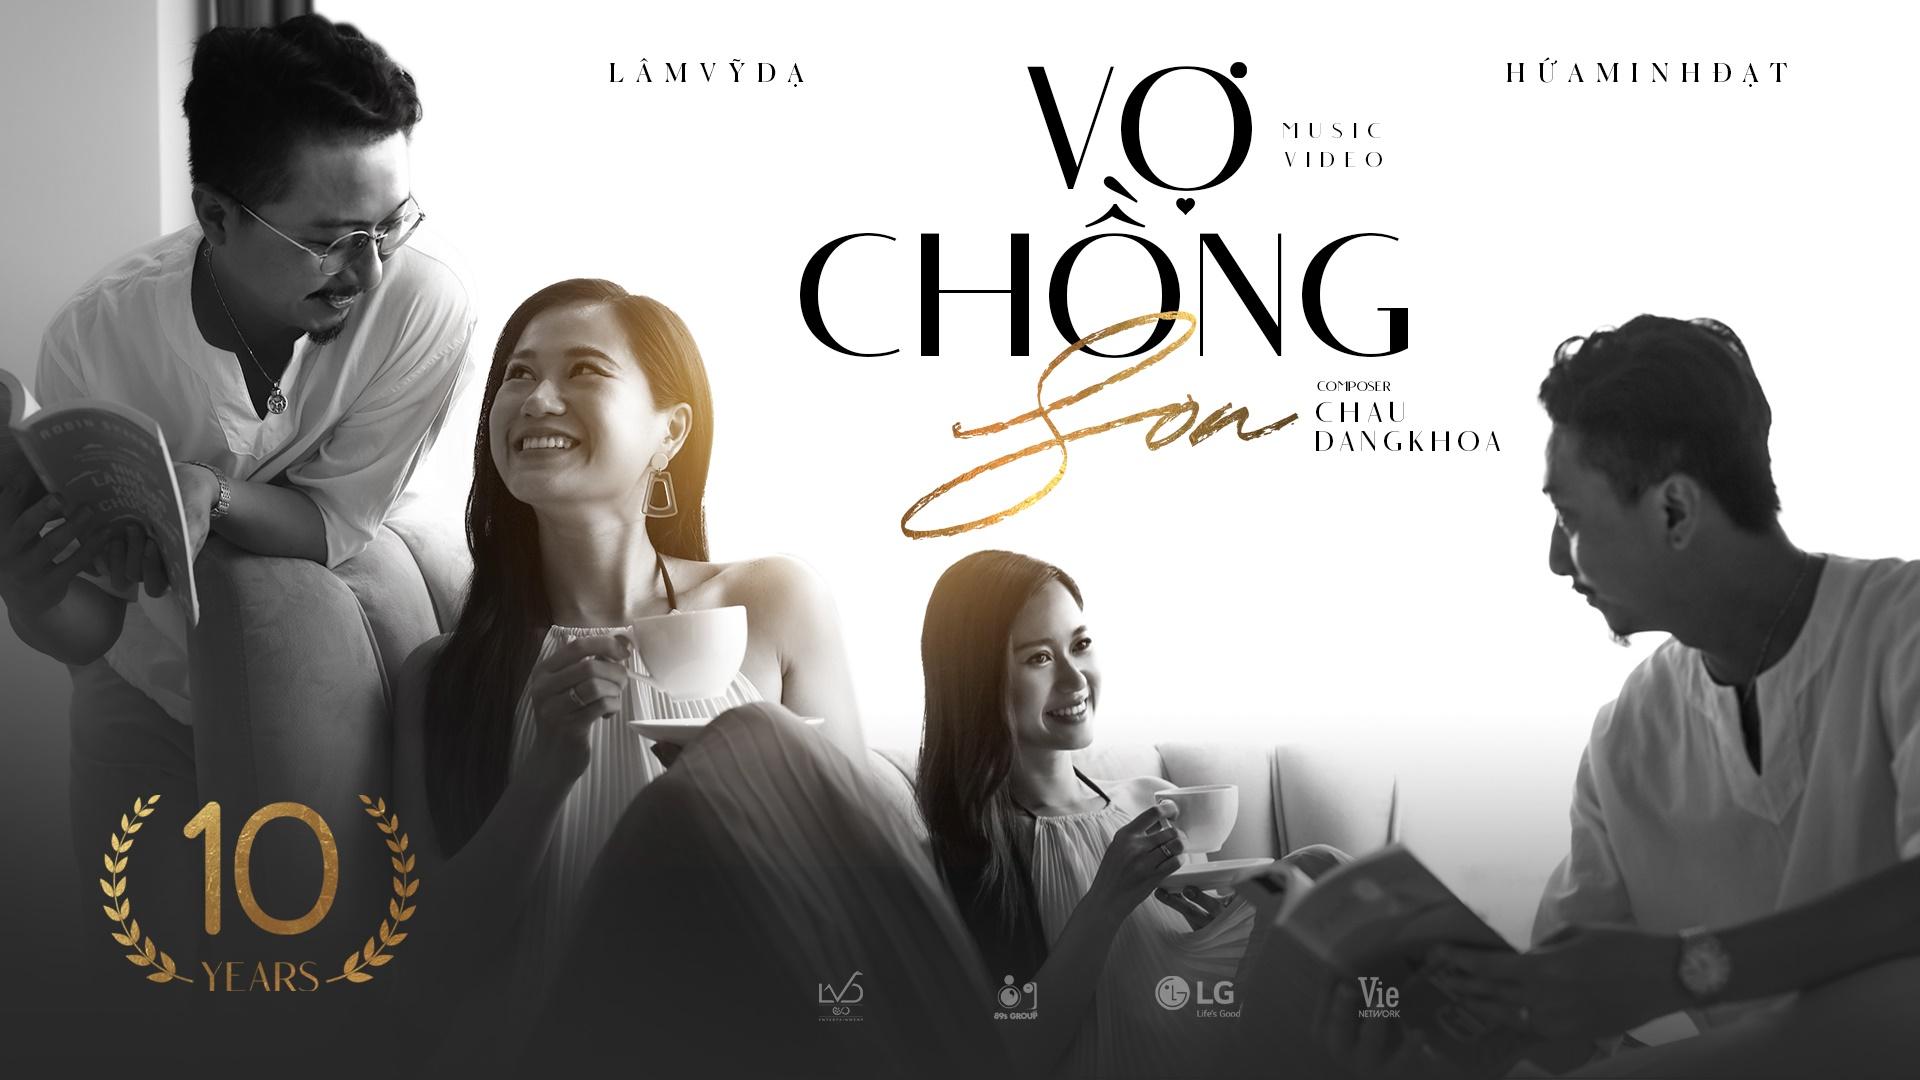 VO-CHONG-SON-MAIN-THUMBNAIL-copy